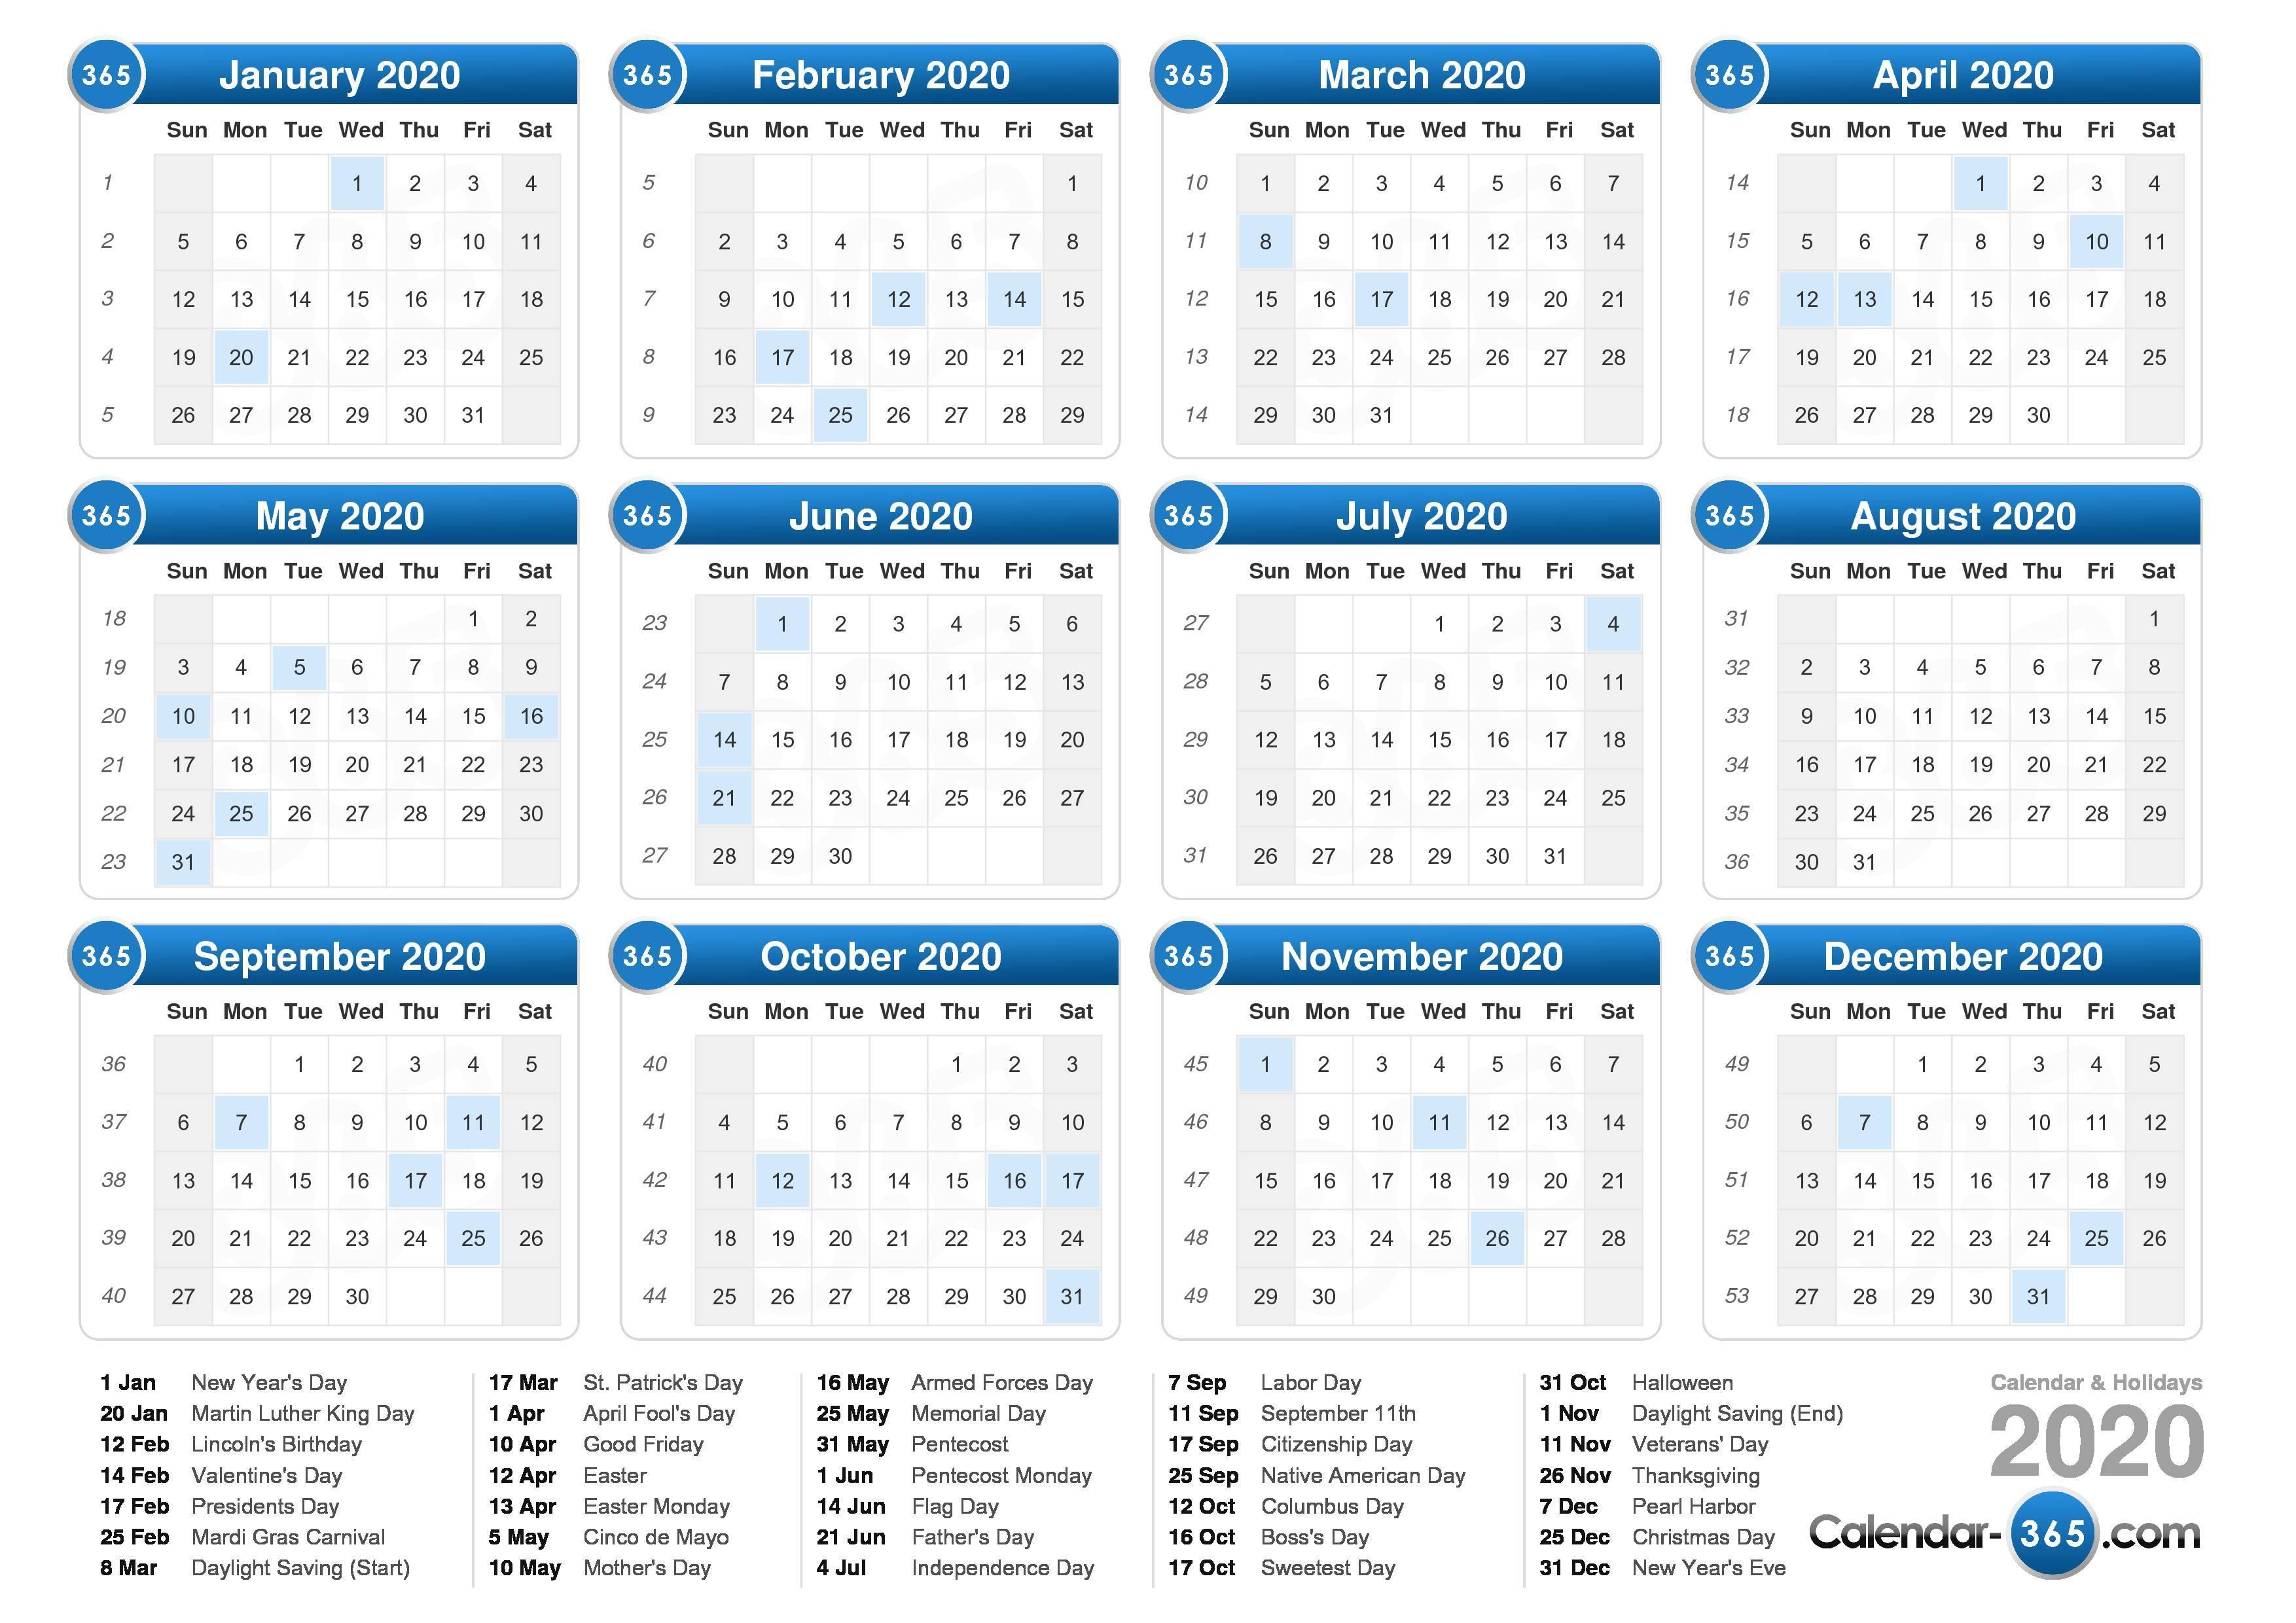 2020 Calendar With Regard To 454 Calendar For 2020